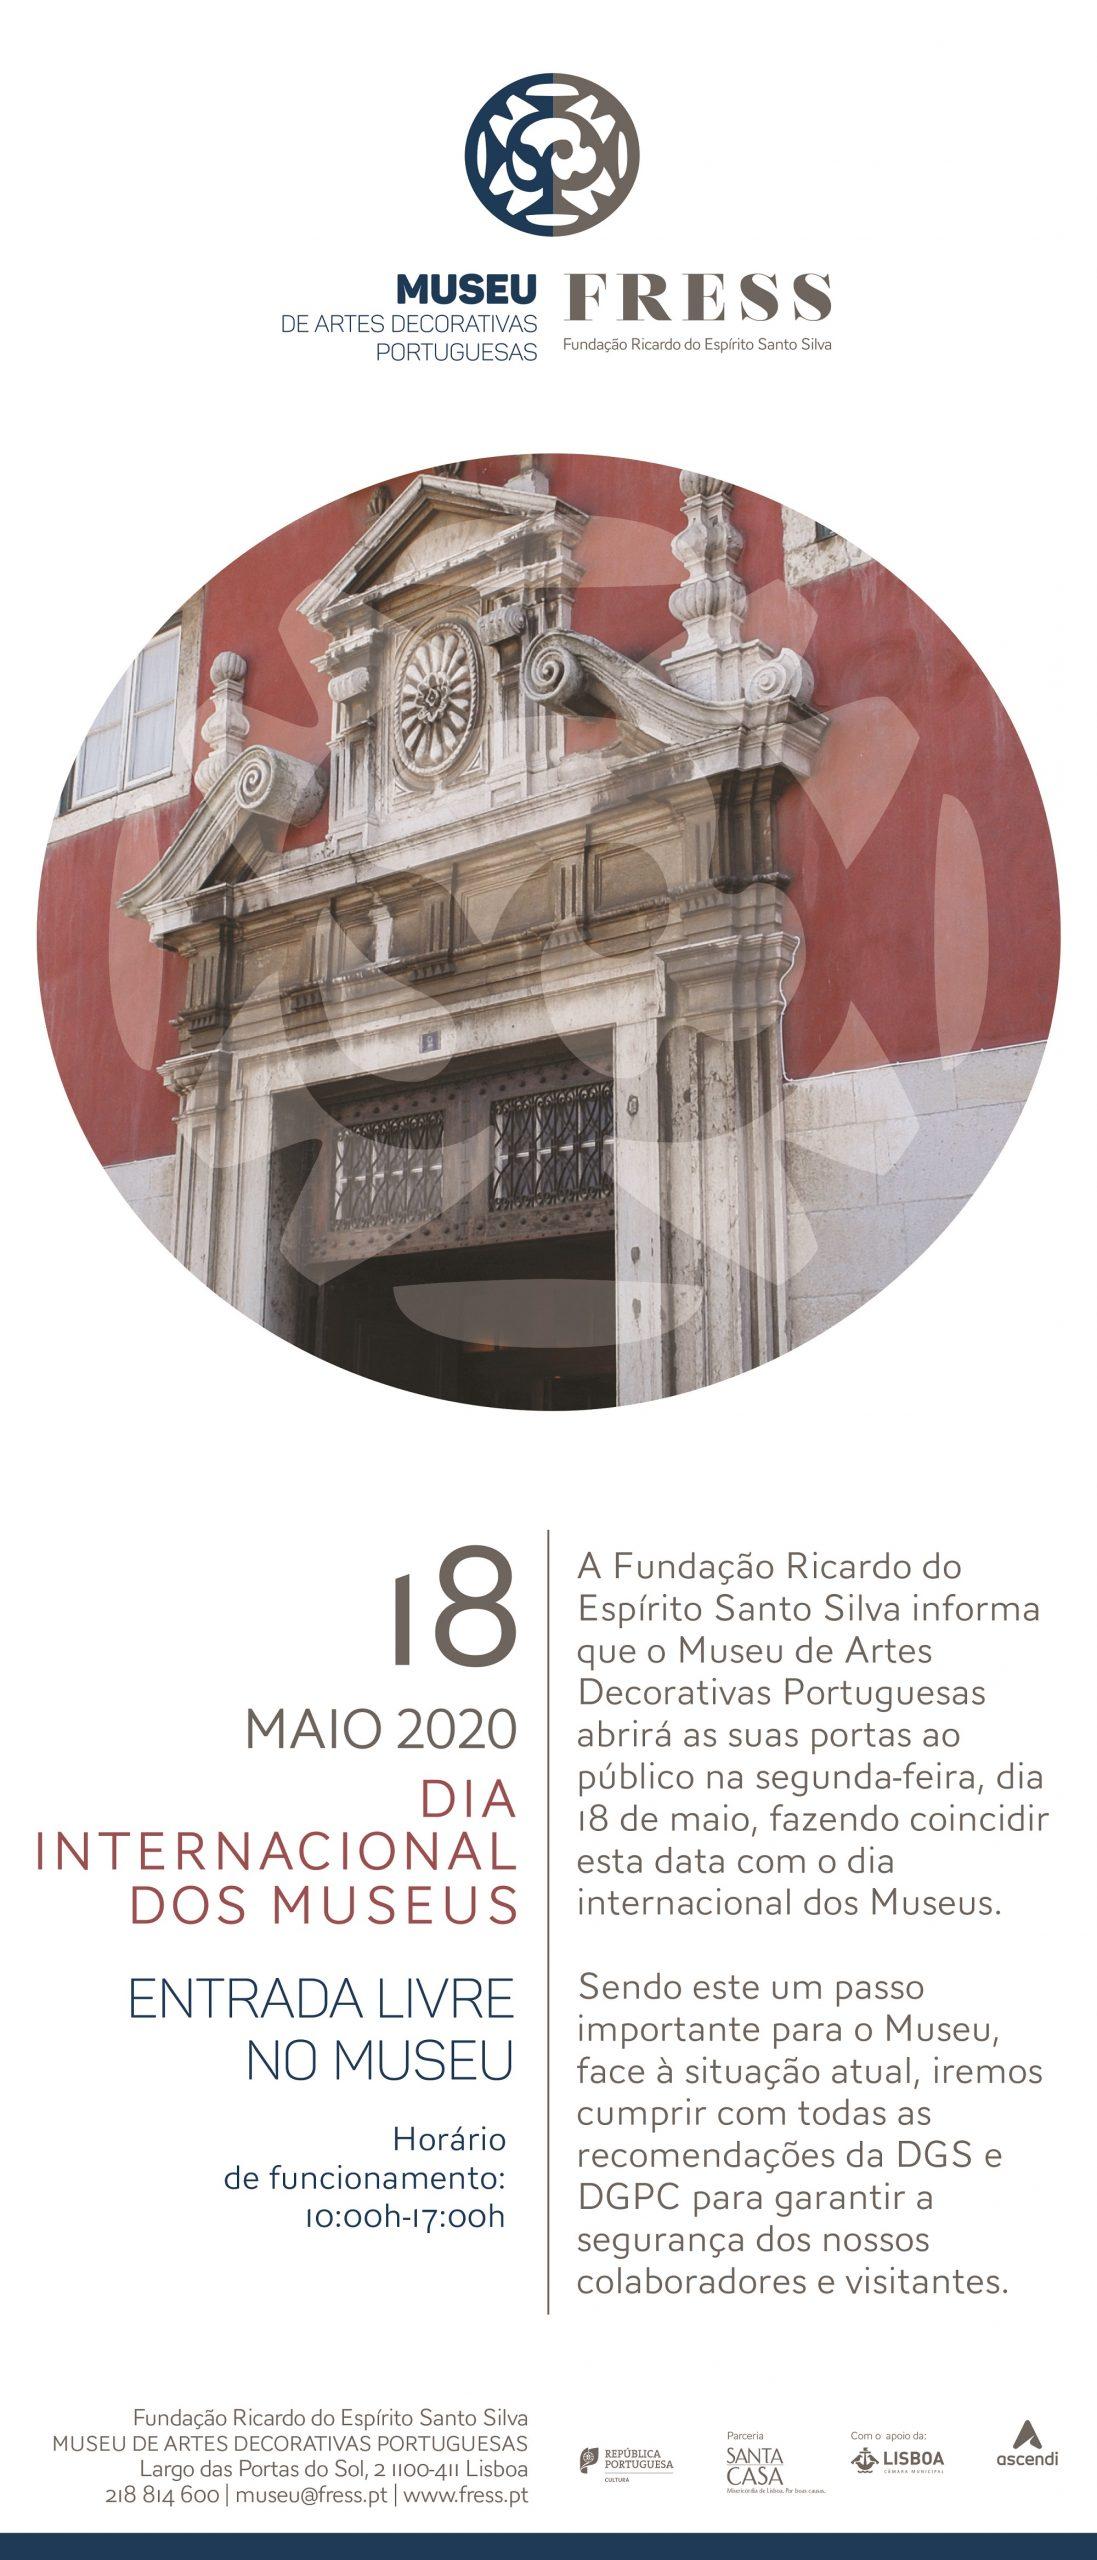 Abertura do Museu de Artes Decorativas Portuguesas